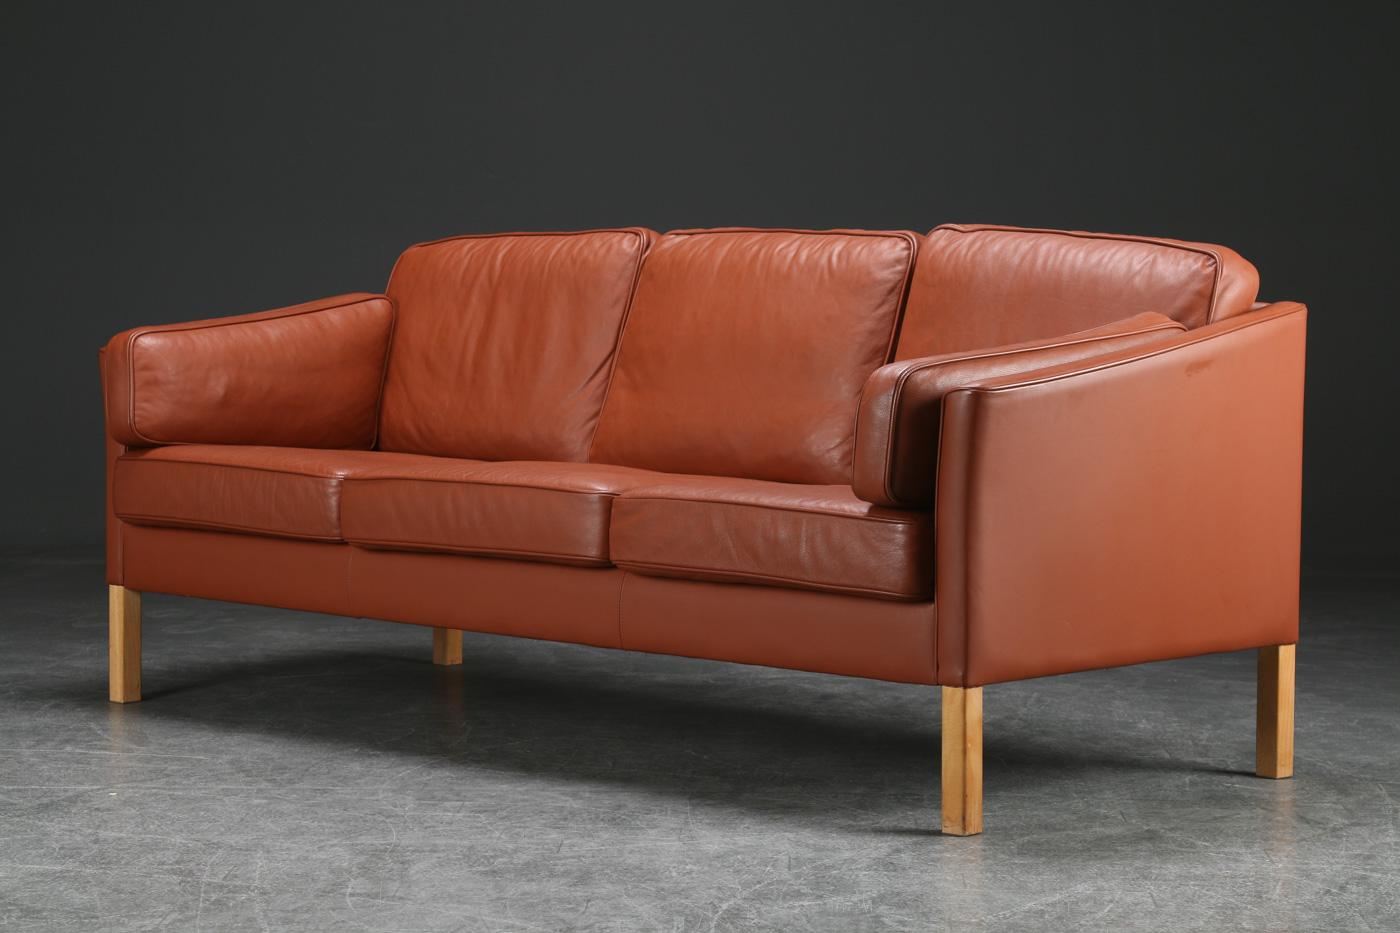 Stouby. Tre-personers sofa, læder - Stouby. Tre-personers sofa, hynder, sider og ryg, betrukket med brunt læder, ben af eg. L. 200, sædehøjde 42 cm. Lette brugsspor